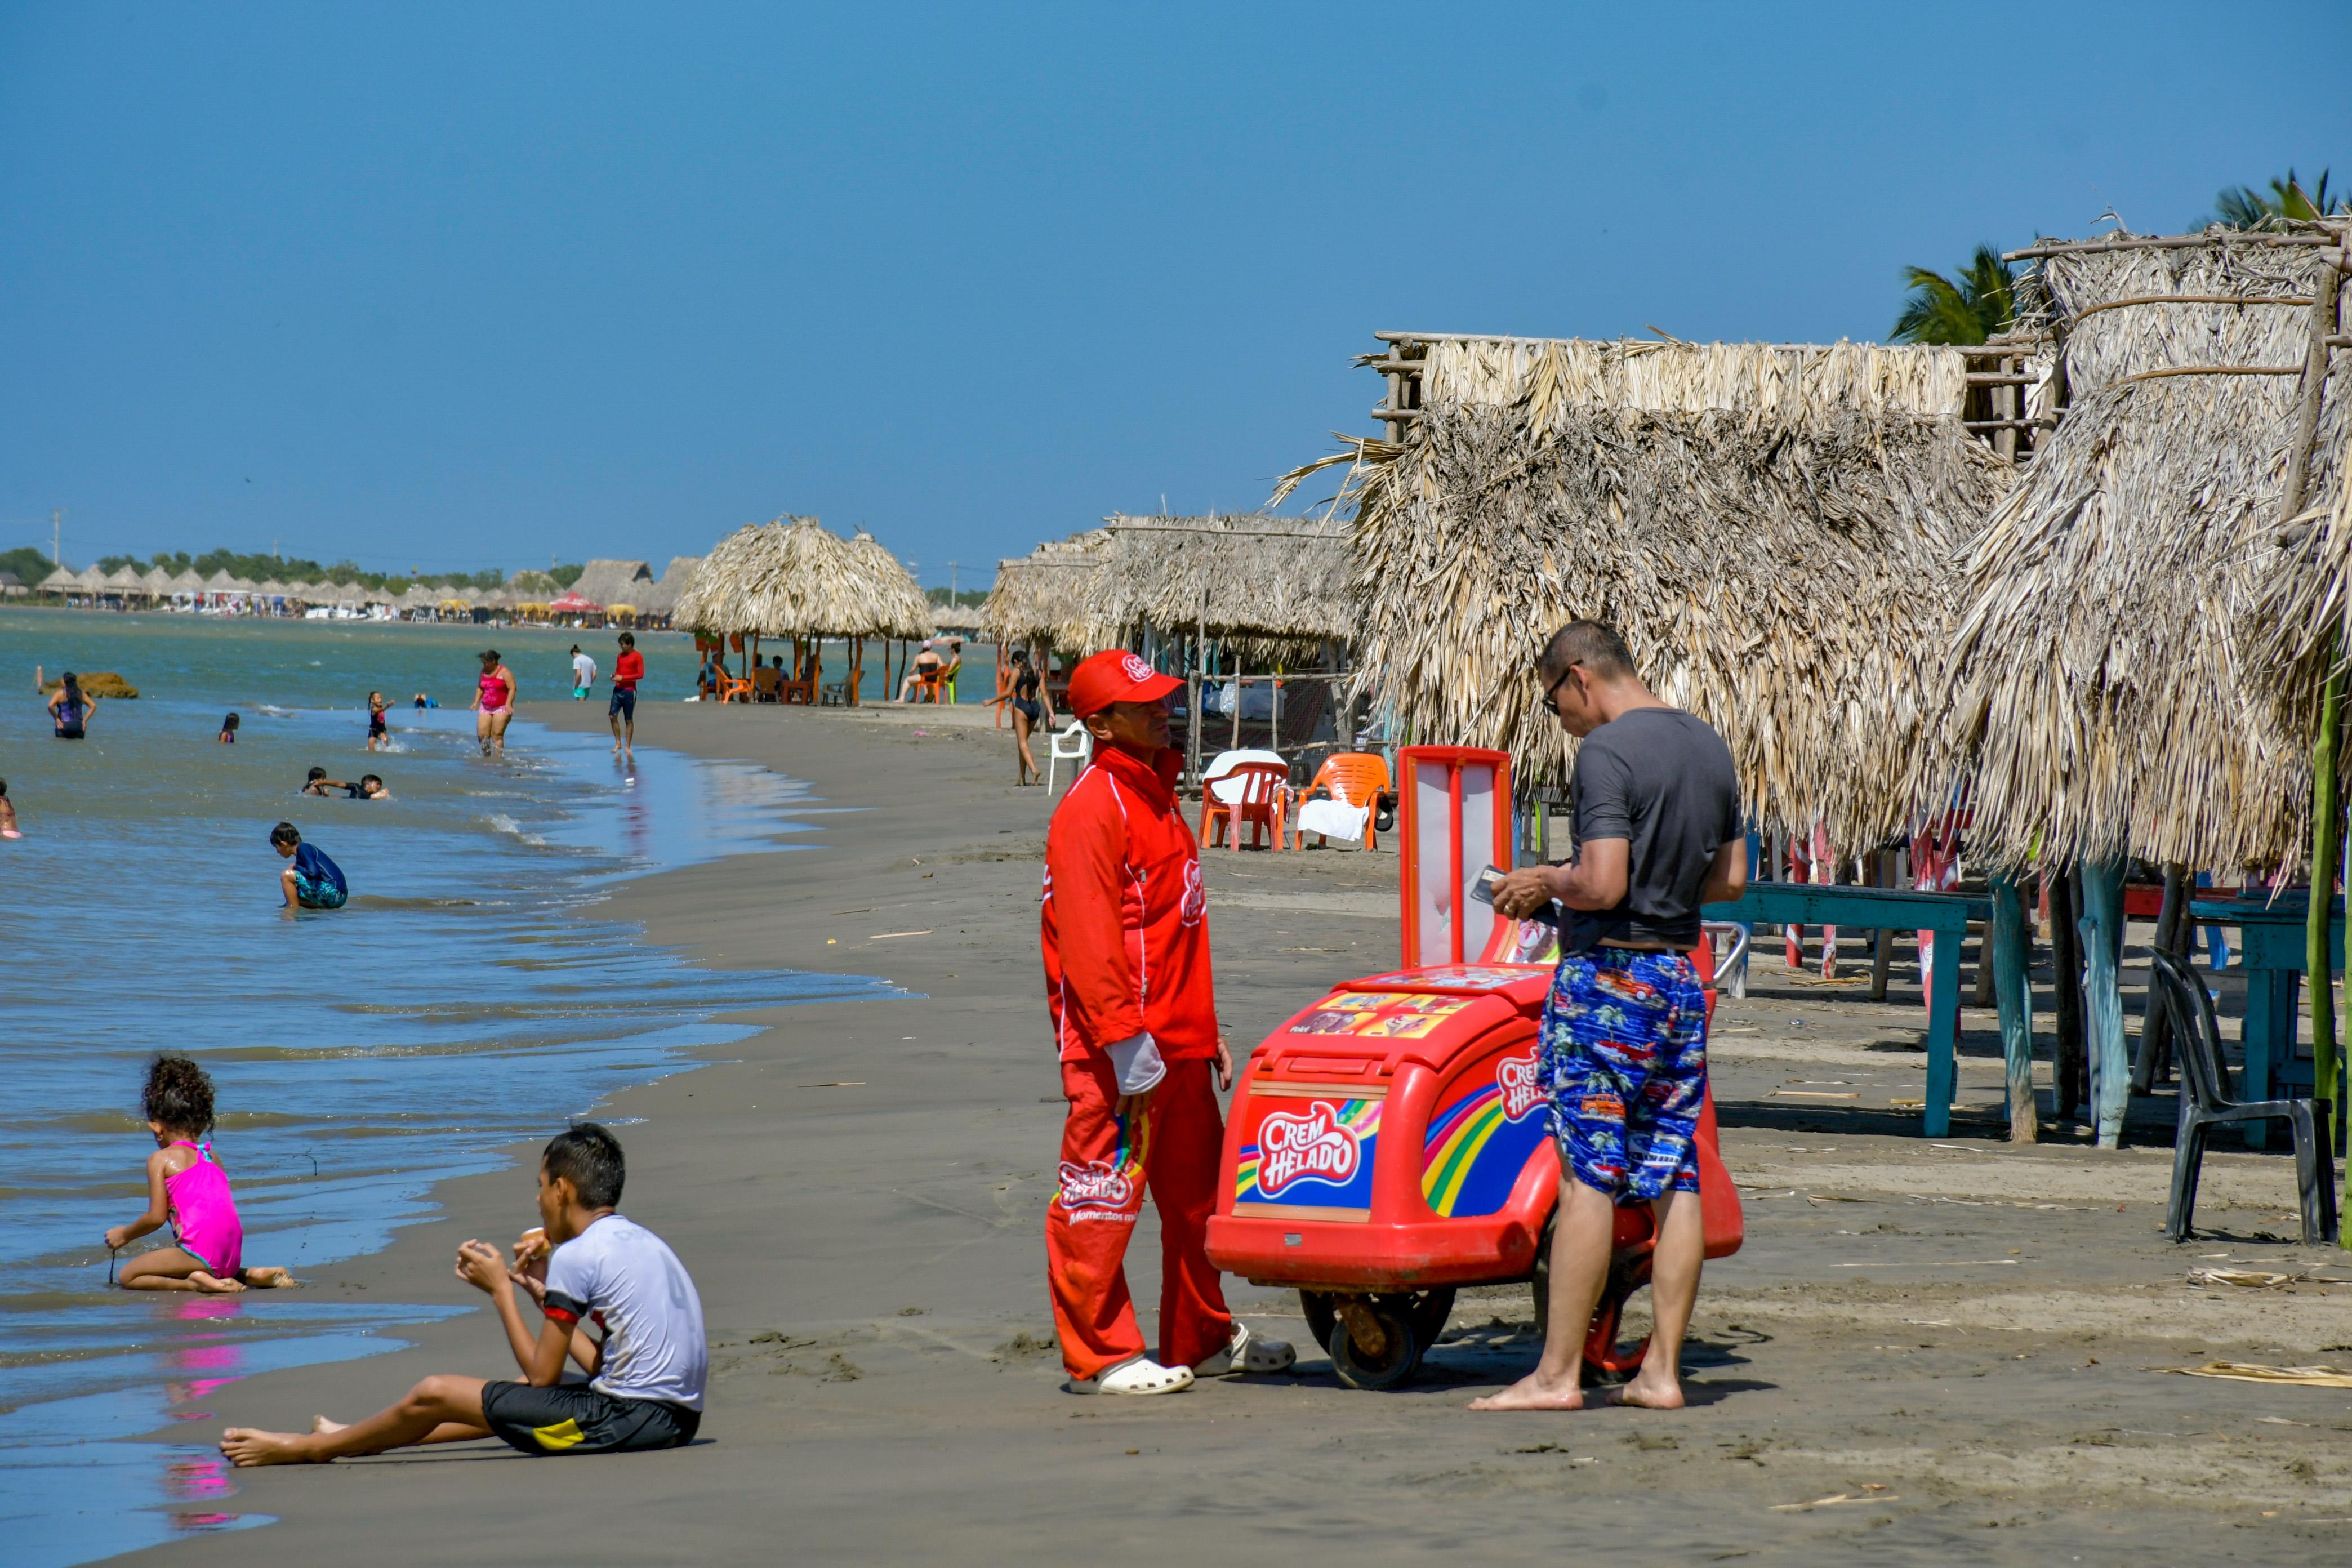 En Caño Dulce las ventas informales se estacionan a pocos metros de la zona de bañistas.